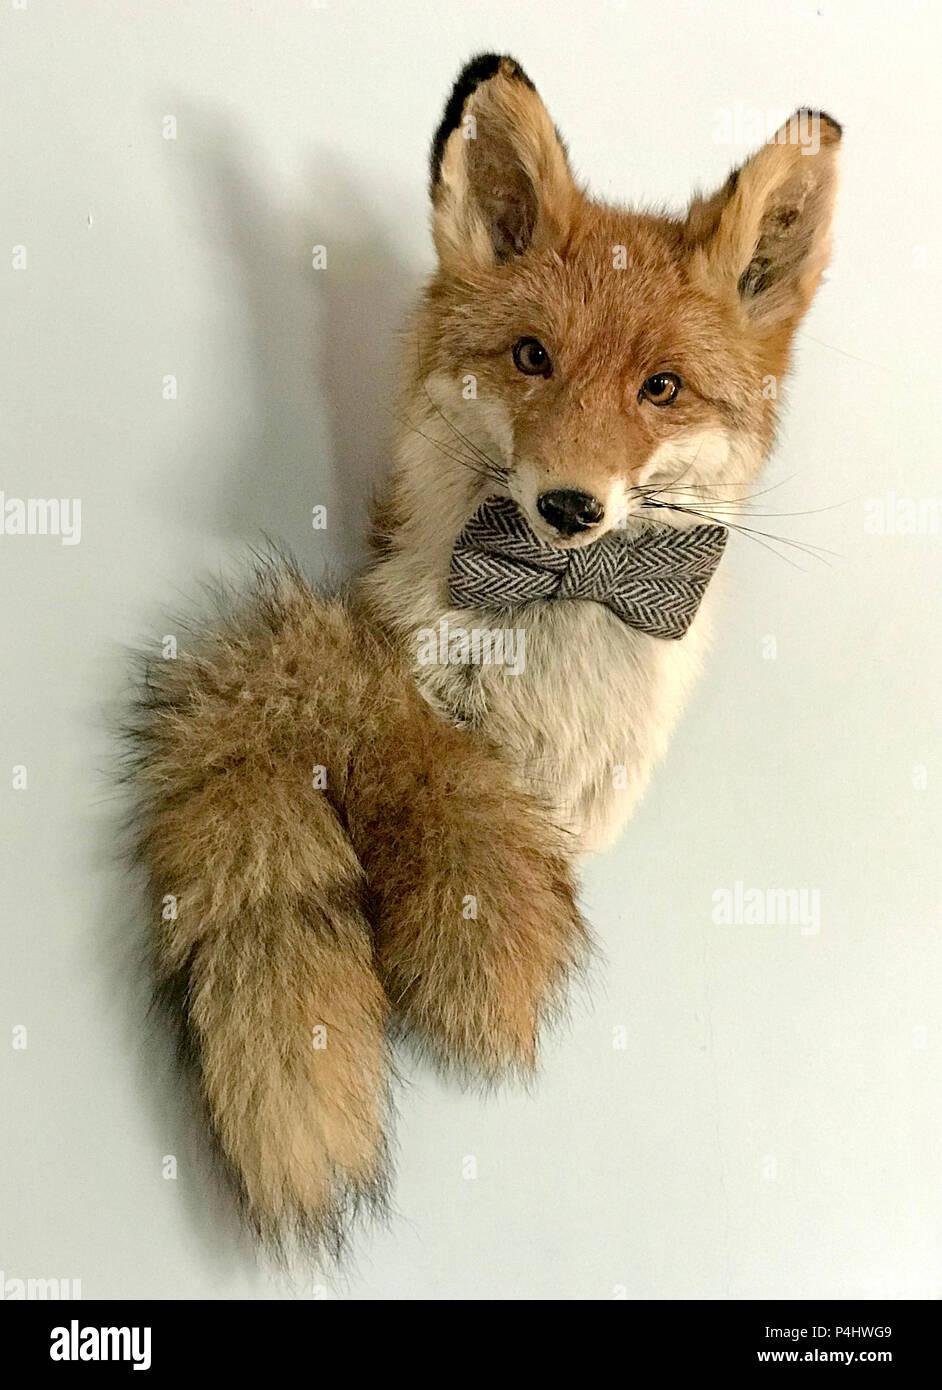 Dieses Stockfoto: Gefüllter Fuchs in einer Fliege, an einer Wand, montiert auf einem Wand - P4HWG9